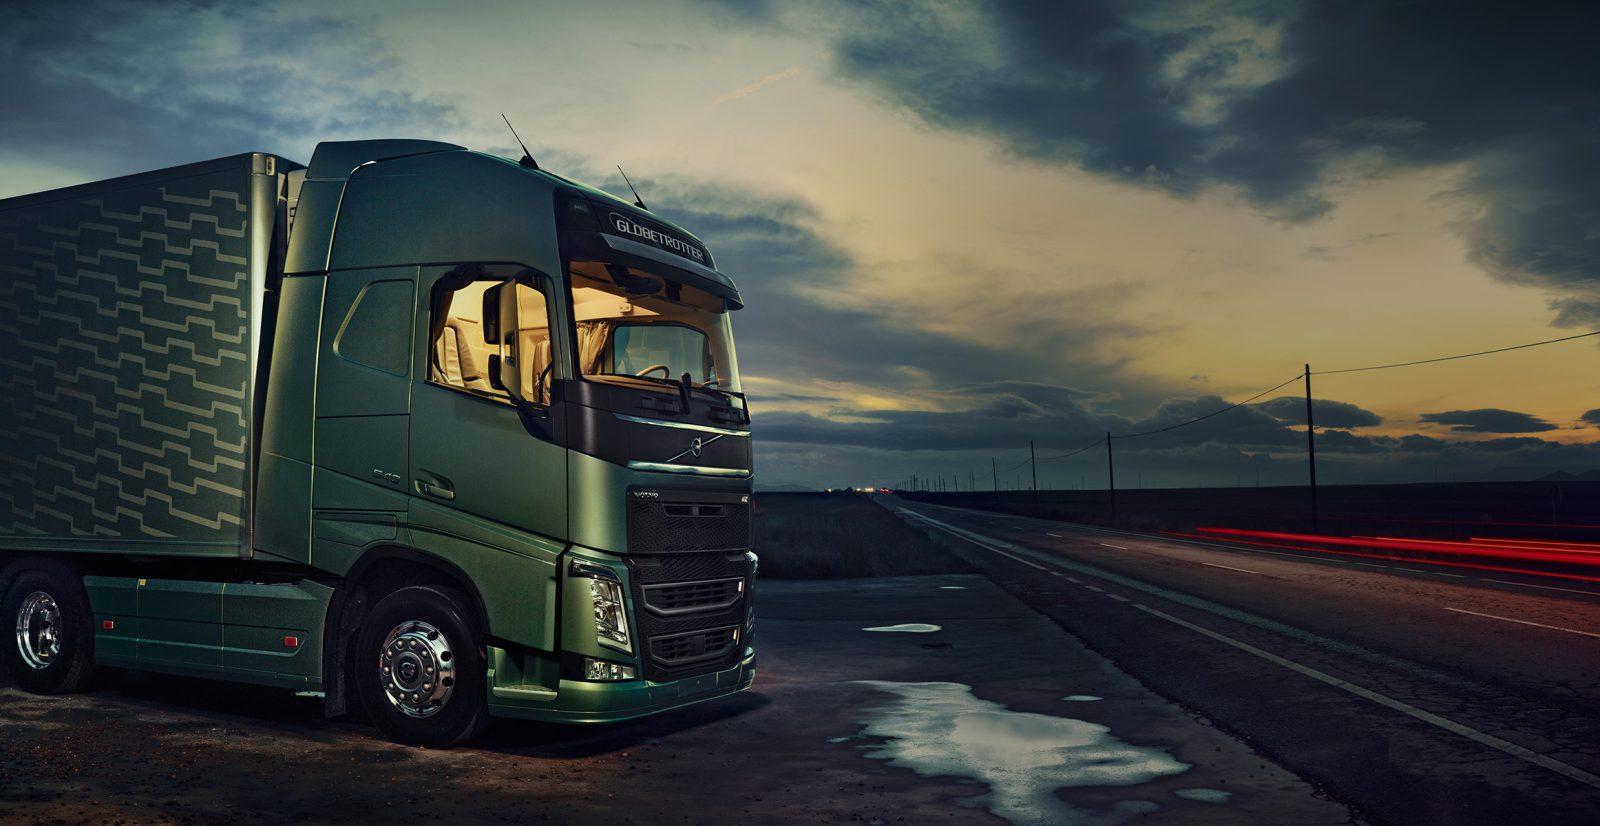 Украинские перевозчики остро нуждаются в обновлении автопарка